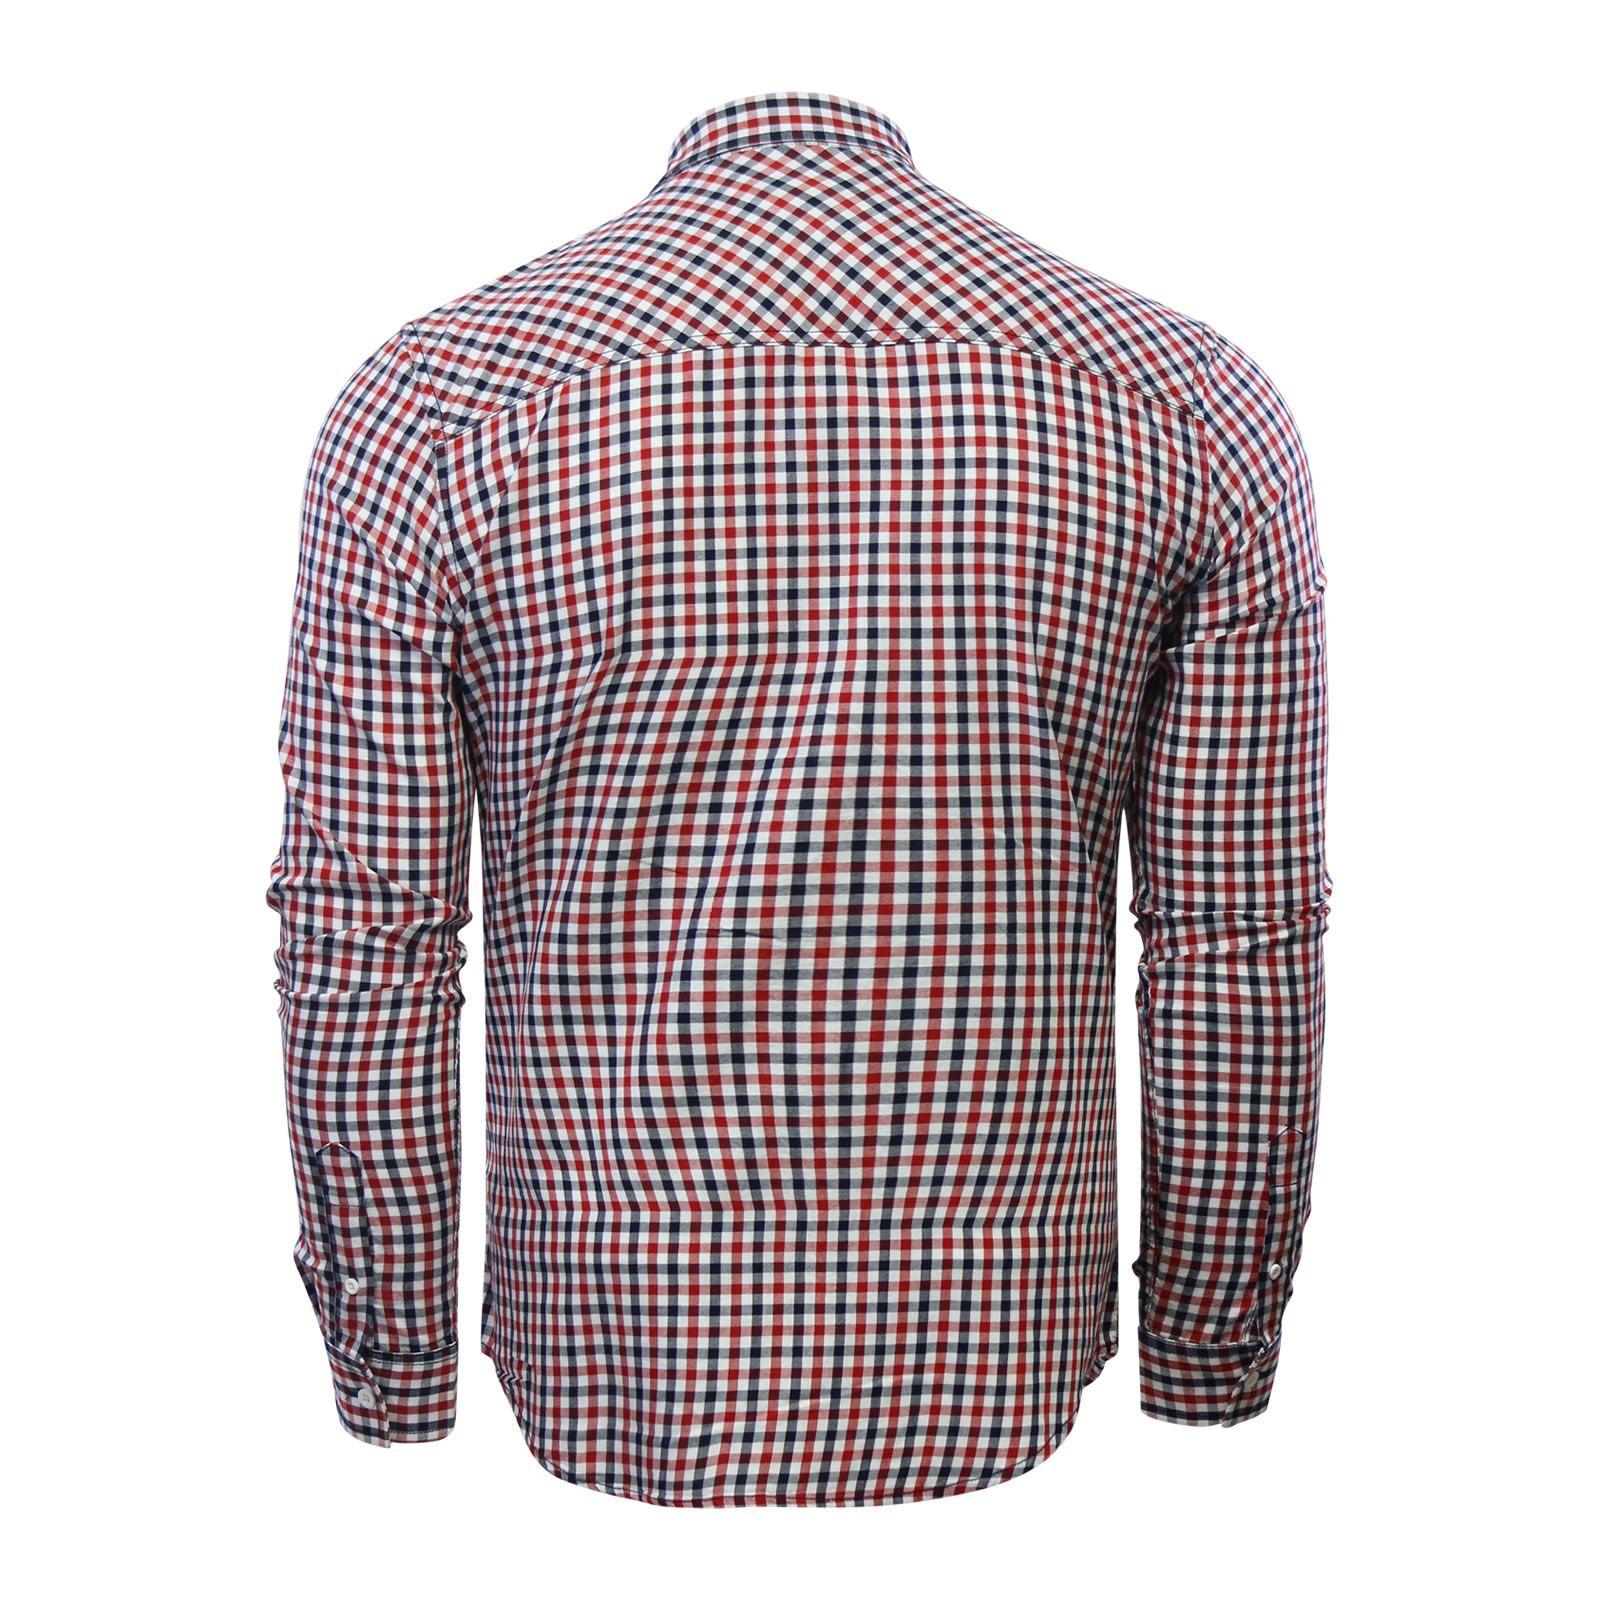 Crosshatch-Larix-Homme-Chemise-a-carreaux-en-coton-a-manches-longues-Top-Casual miniature 3